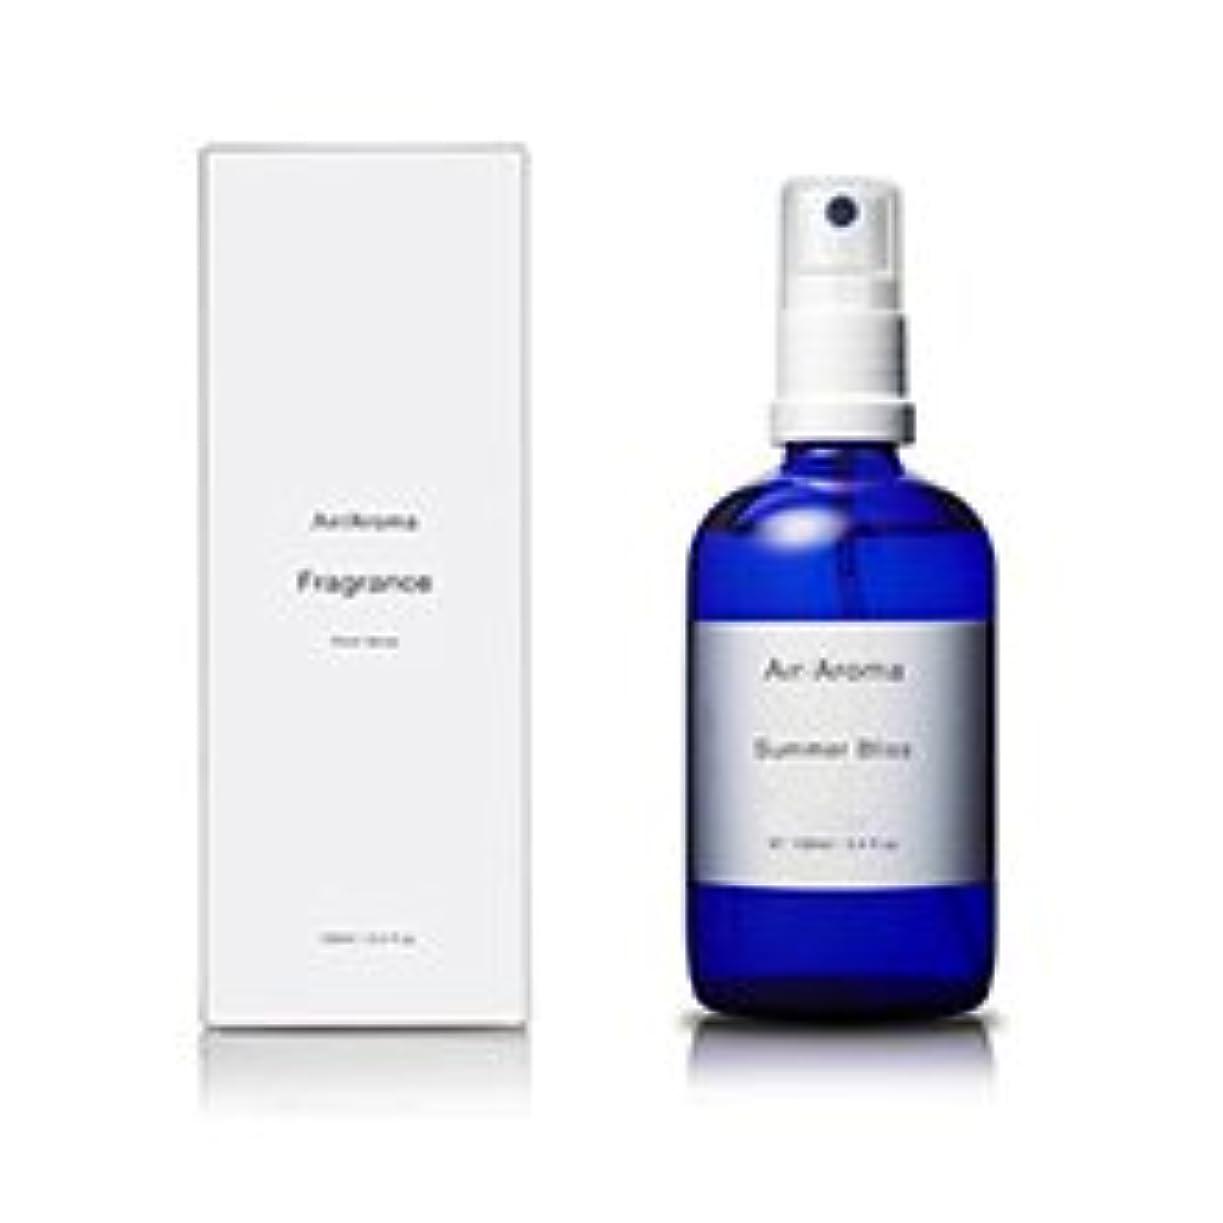 暴力上に築きますストローエアアロマ summer bliss room fragrance (サマーブリス ルームフレグランス) 100ml